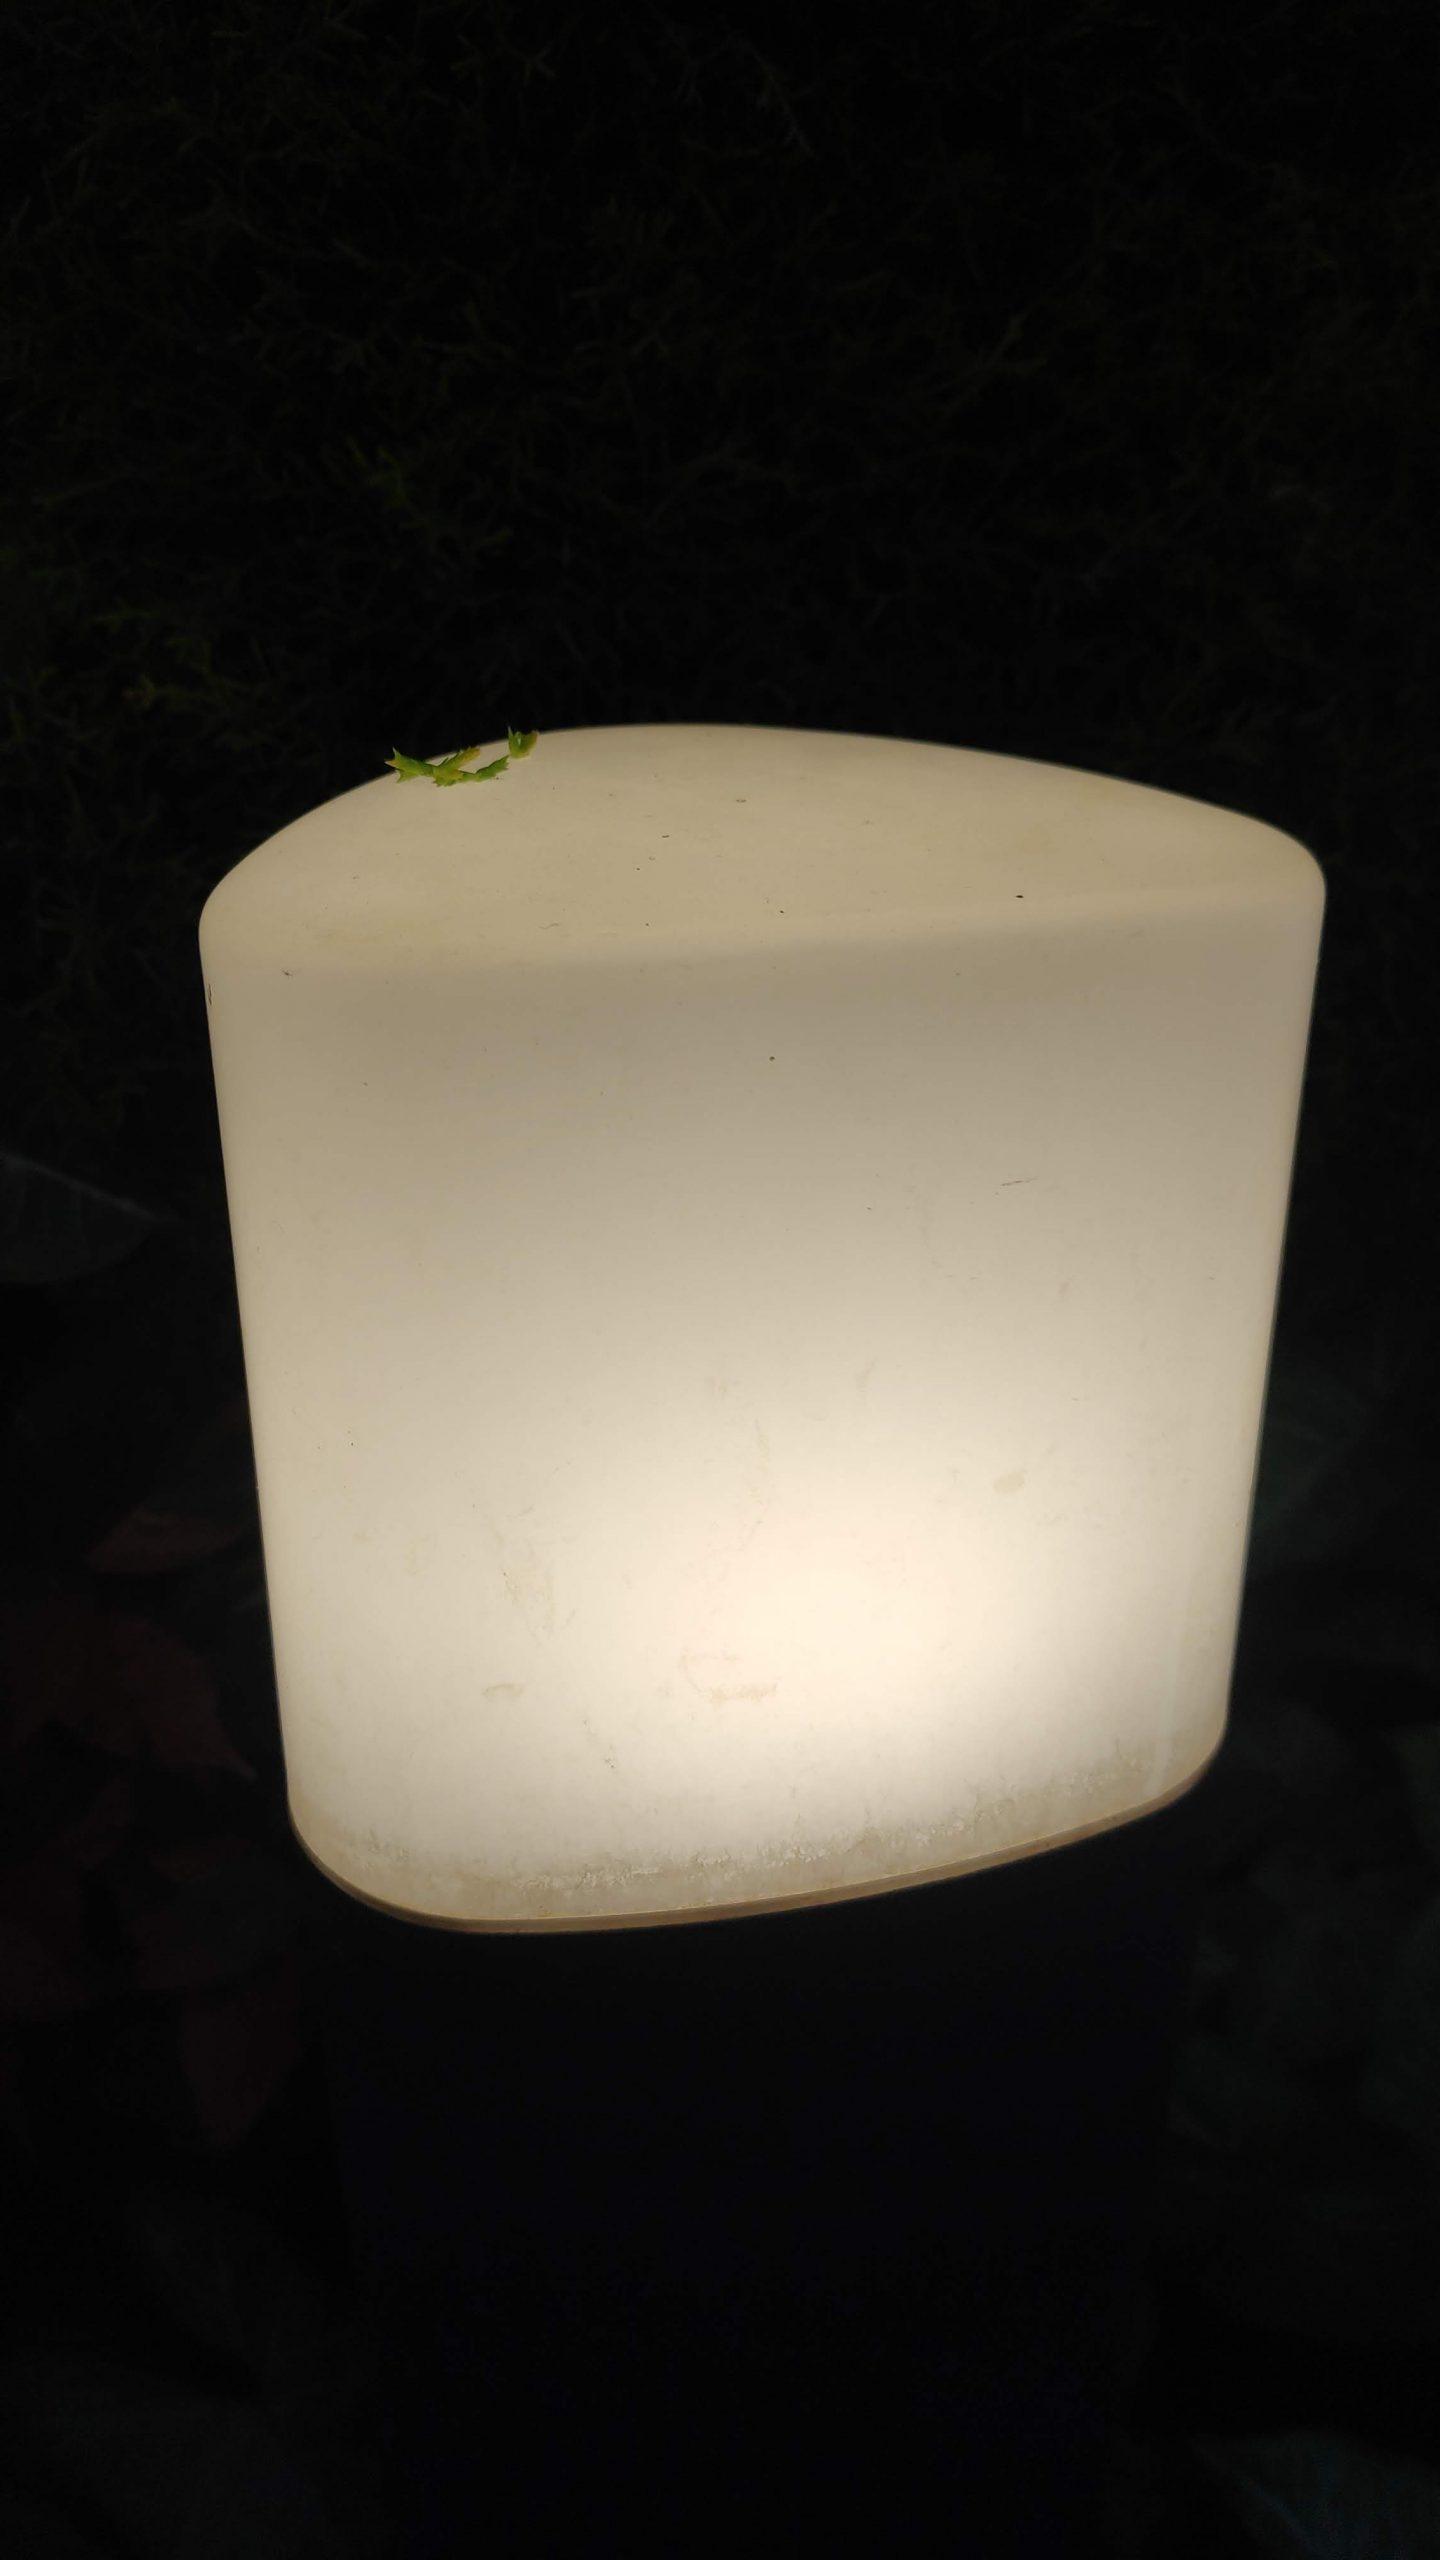 A low light bulb